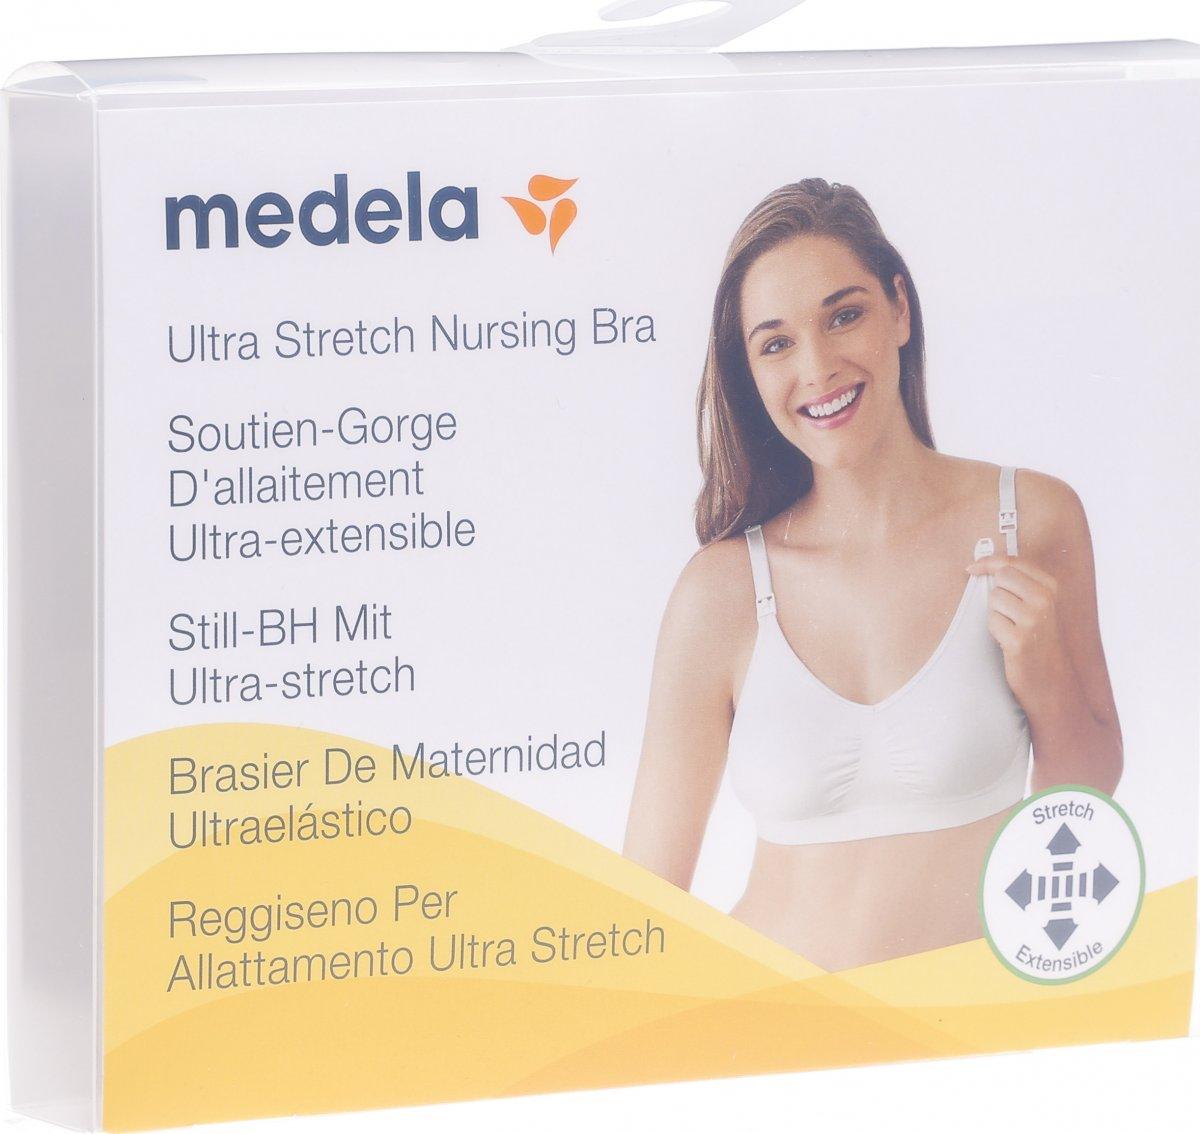 3f0e5eada7753 Medela Schwangerschafts- und Still BH S Weiss in der Adler Apotheke